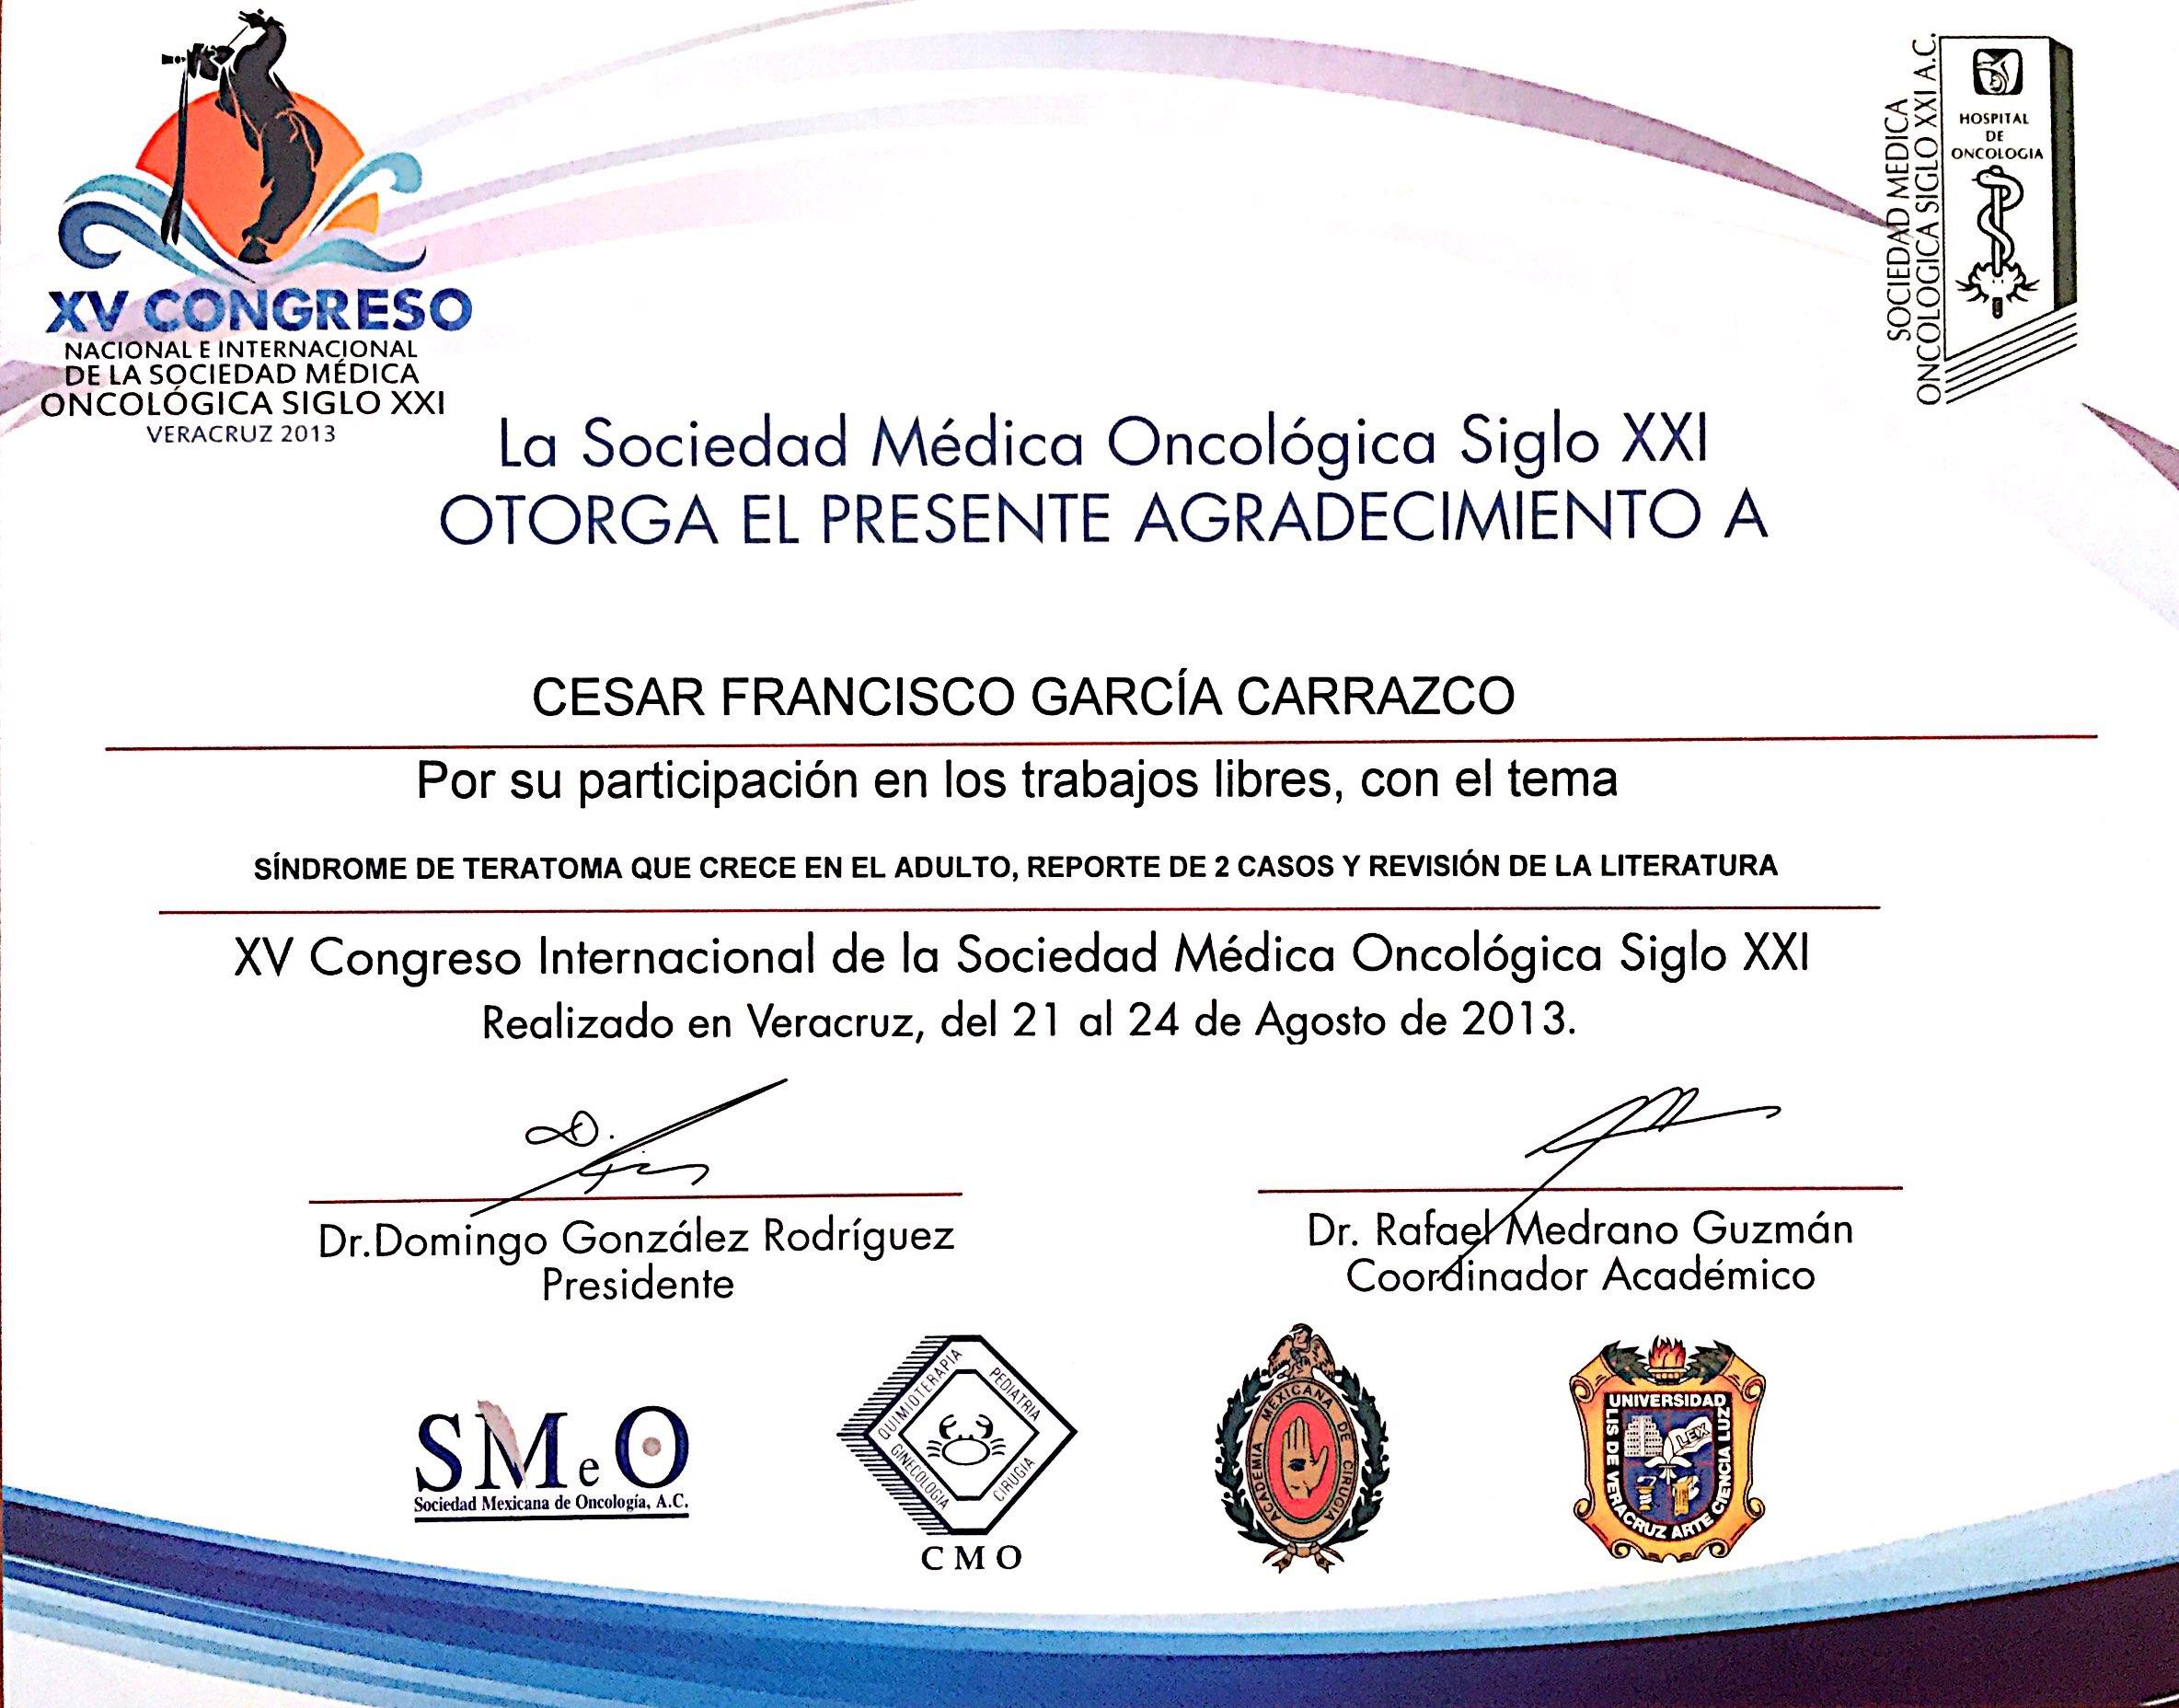 Dr. Garcia Carrazco_51